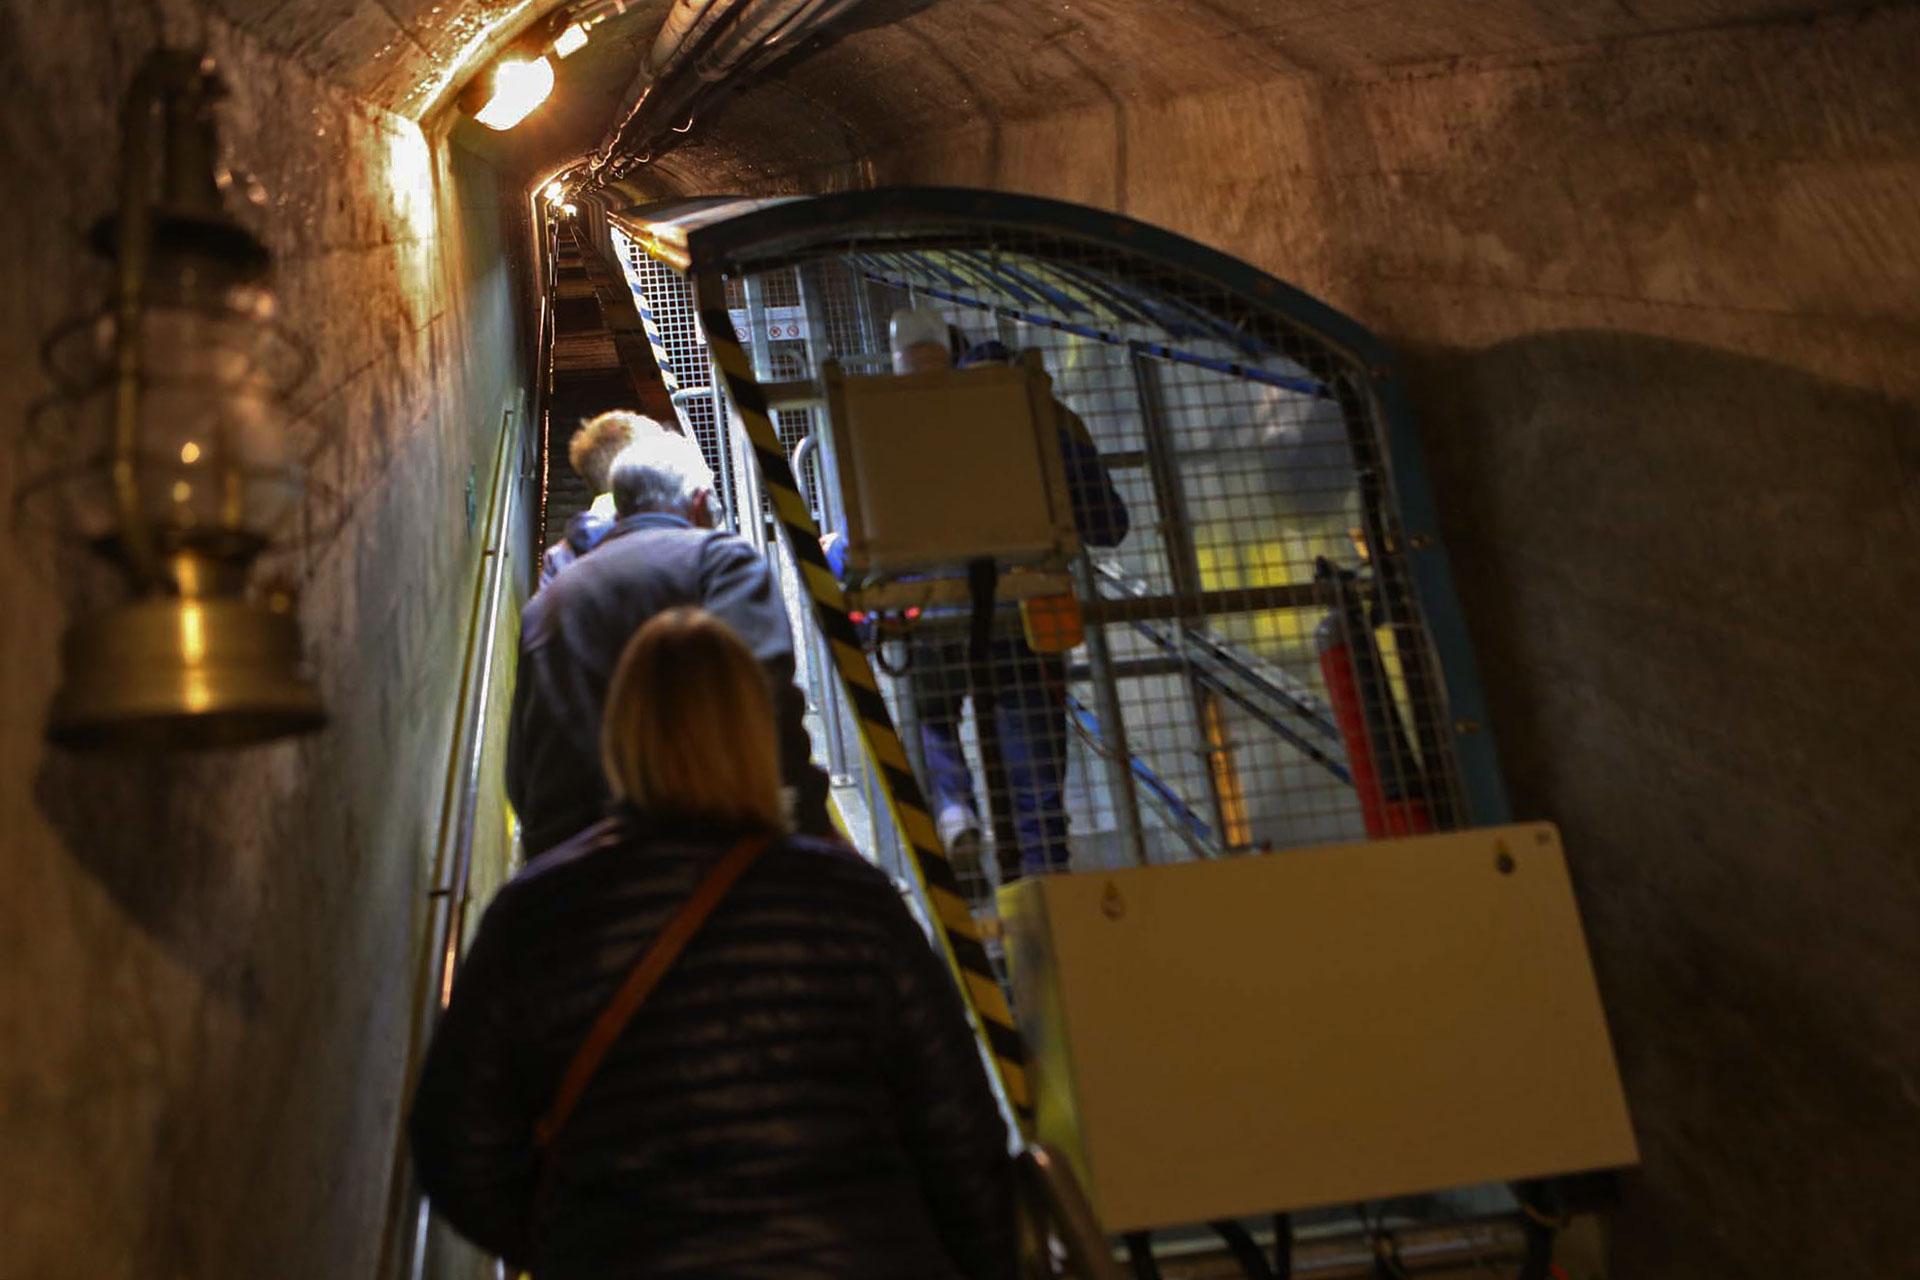 Am Ende des Gangs steht eine Art Stehlift bereit, hilfreich, da es eine große Höhendifferenz von 400 Stufen zu überwinden gilt, dann wieder Gänge. Der Komplex umfasst insgesamt 2,4 Kilometer Stollenlänge und über 8000 Quadratmeter Nutzfläche.